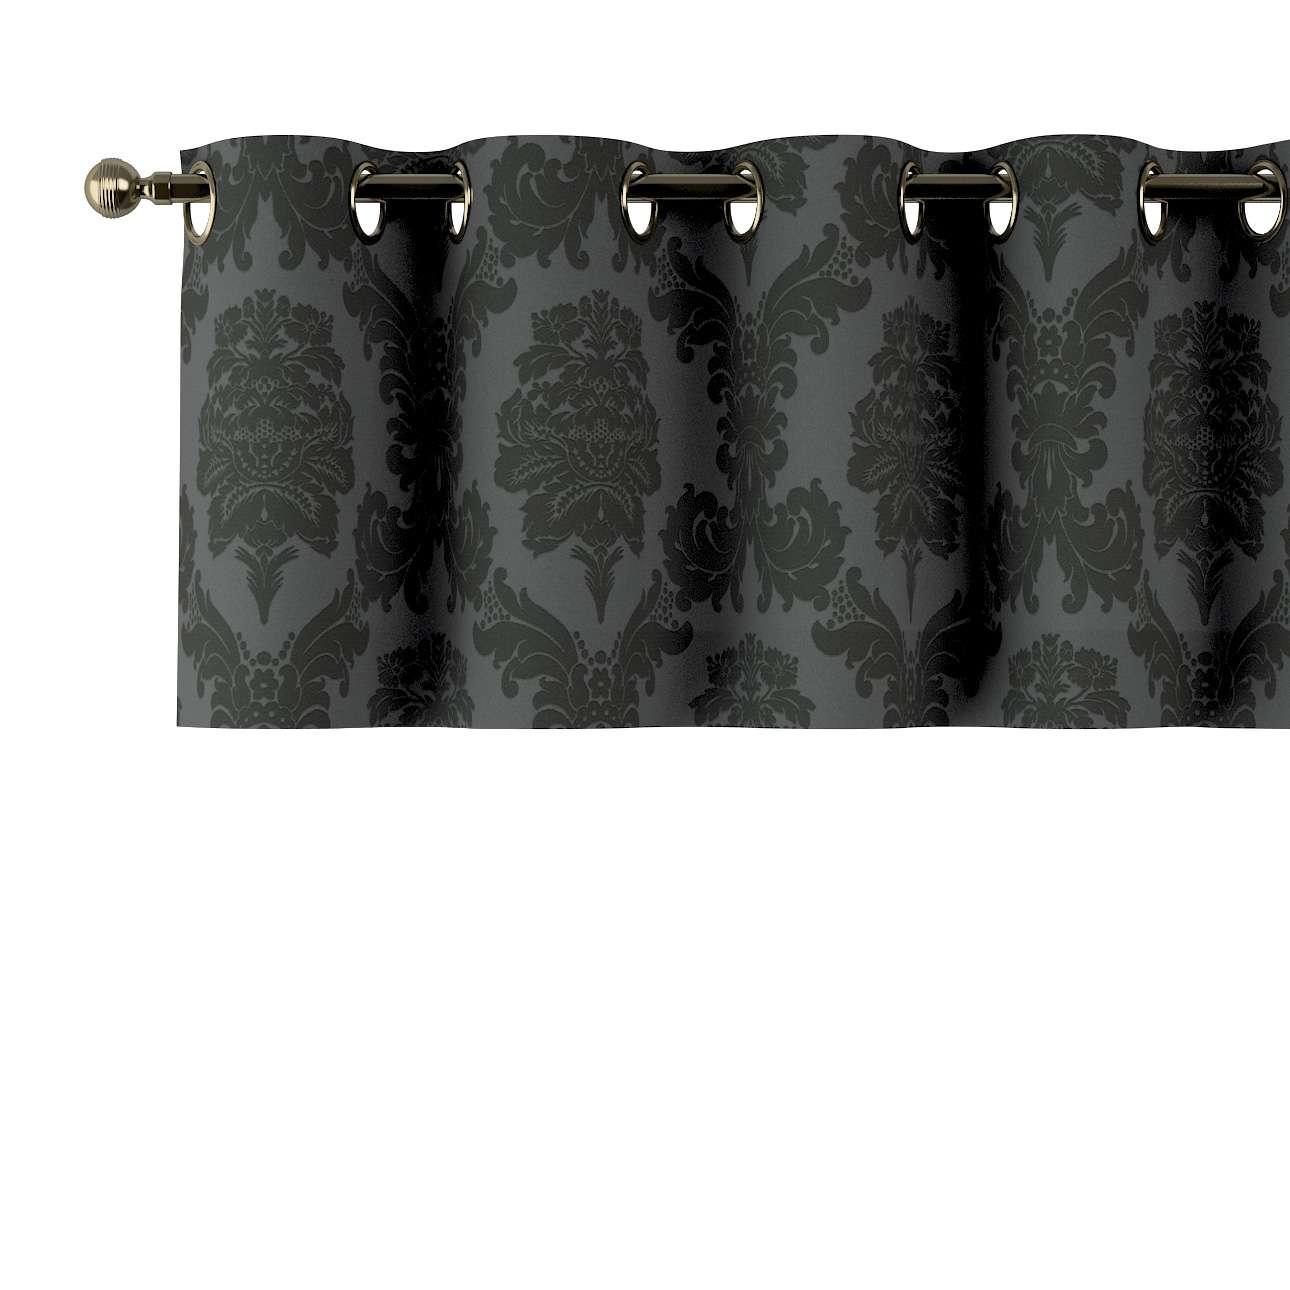 Gardinkappa med öljetter 130 × 40 cm i kollektionen Damasco, Tyg: 613-32